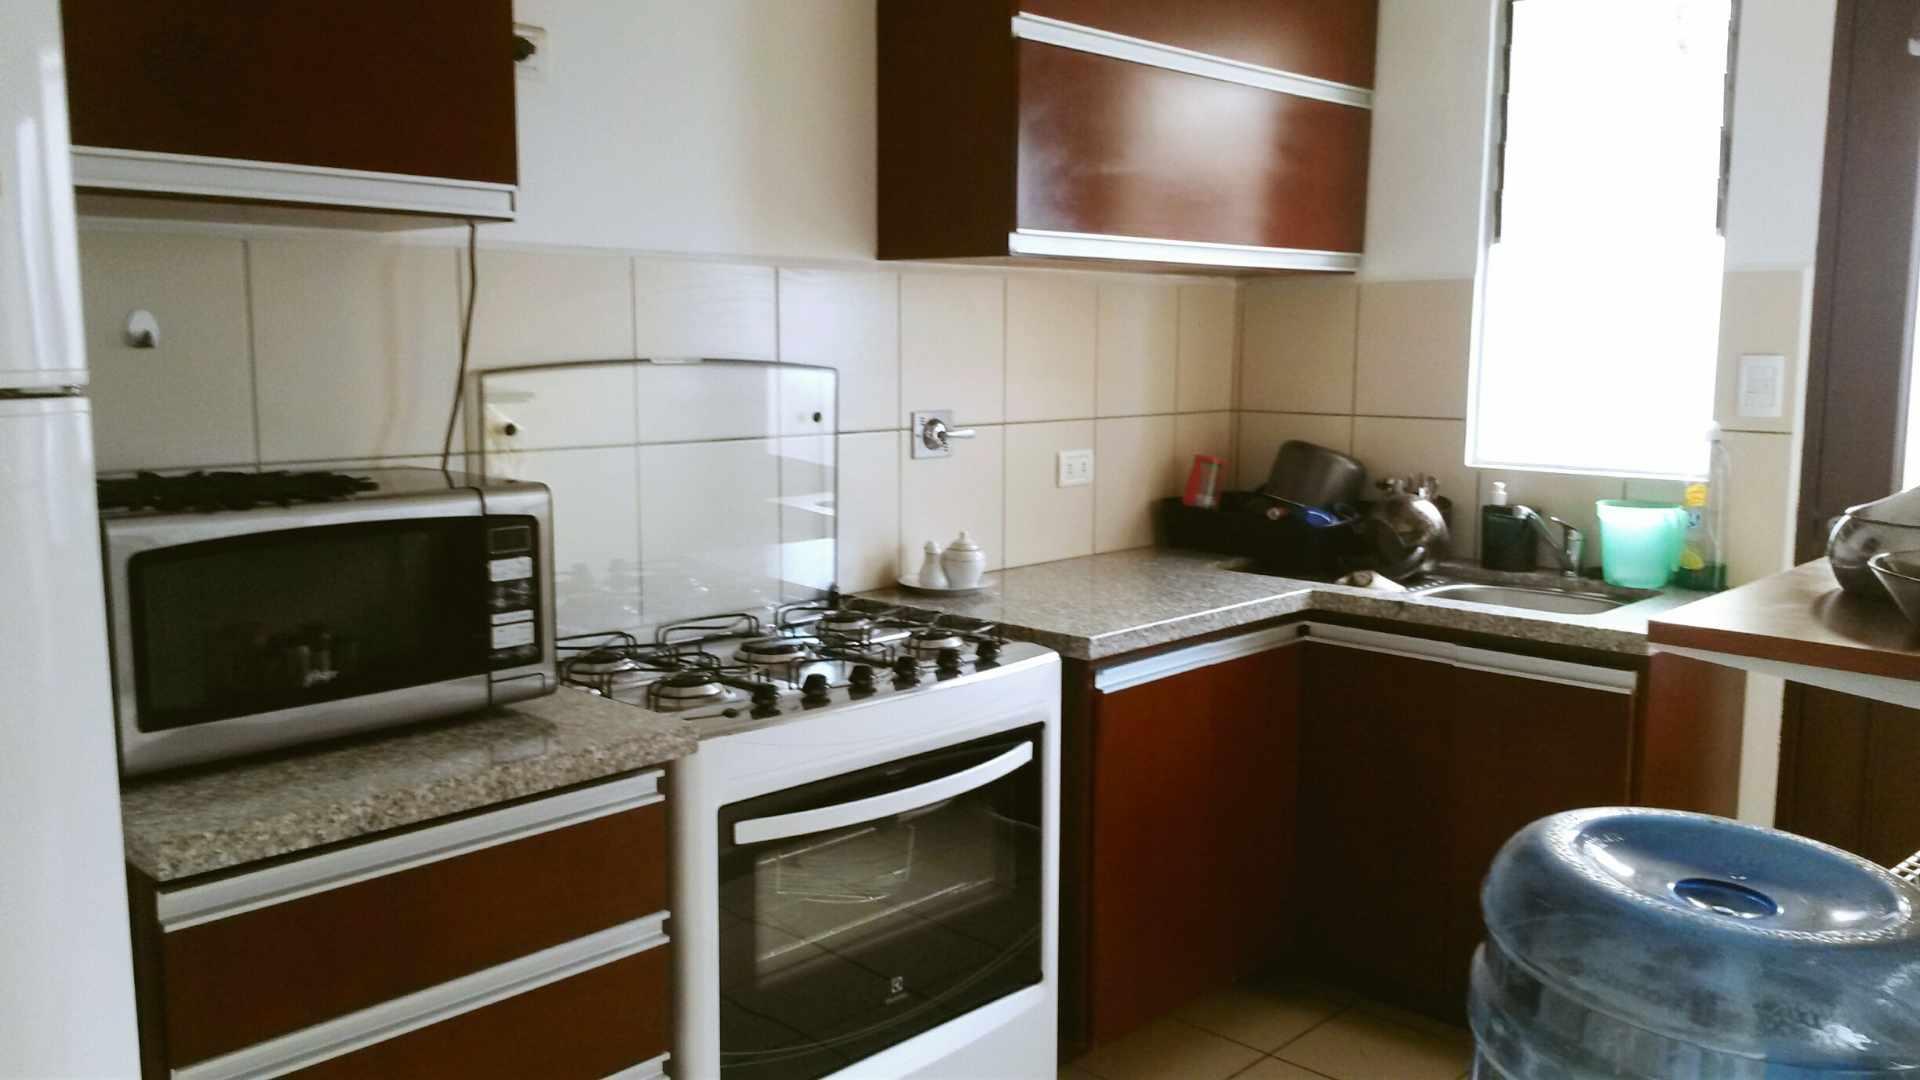 Casa en Venta Casa en Venta en Cond. Sevilla las terrazas 2, Av.banzer  km 10. Foto 9